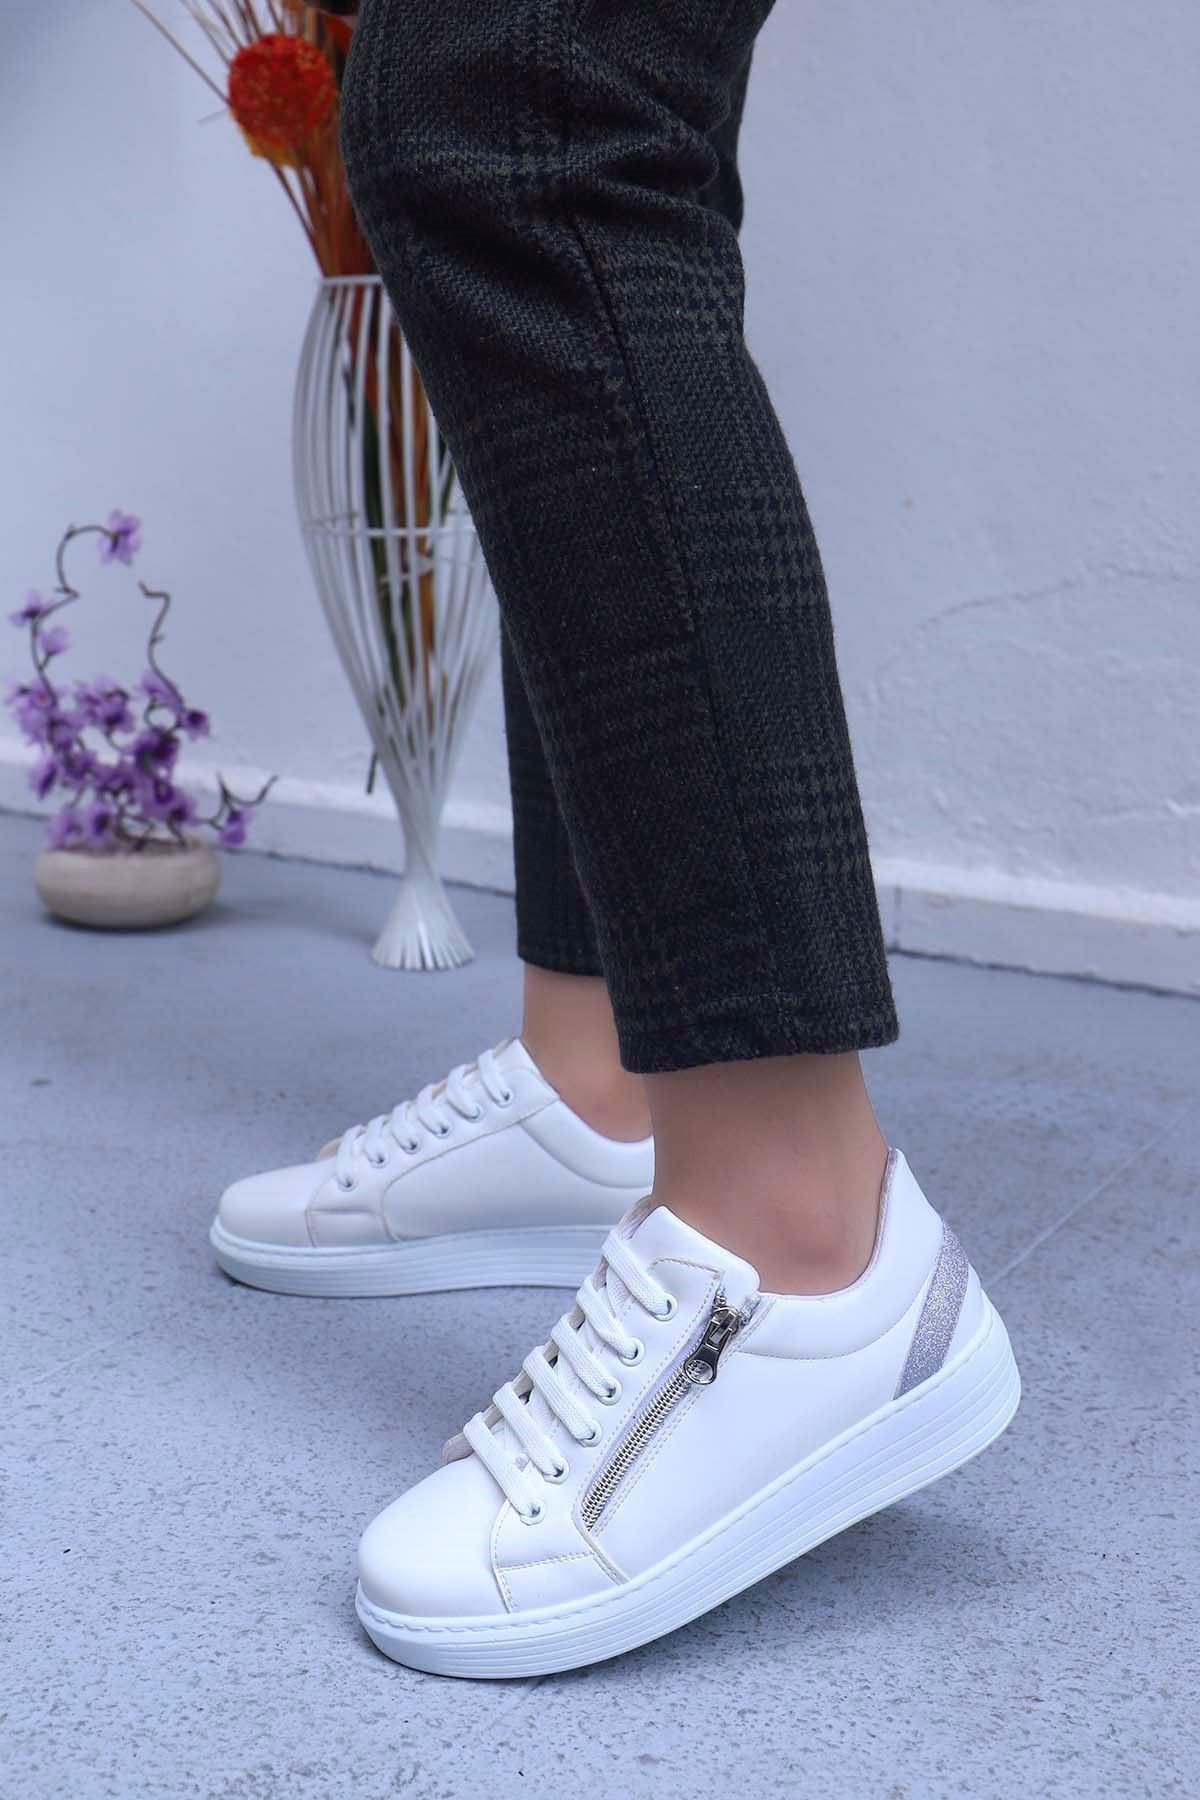 mami-4110 Spor Ayakkabı Fermuar Detay Beyaz Deri